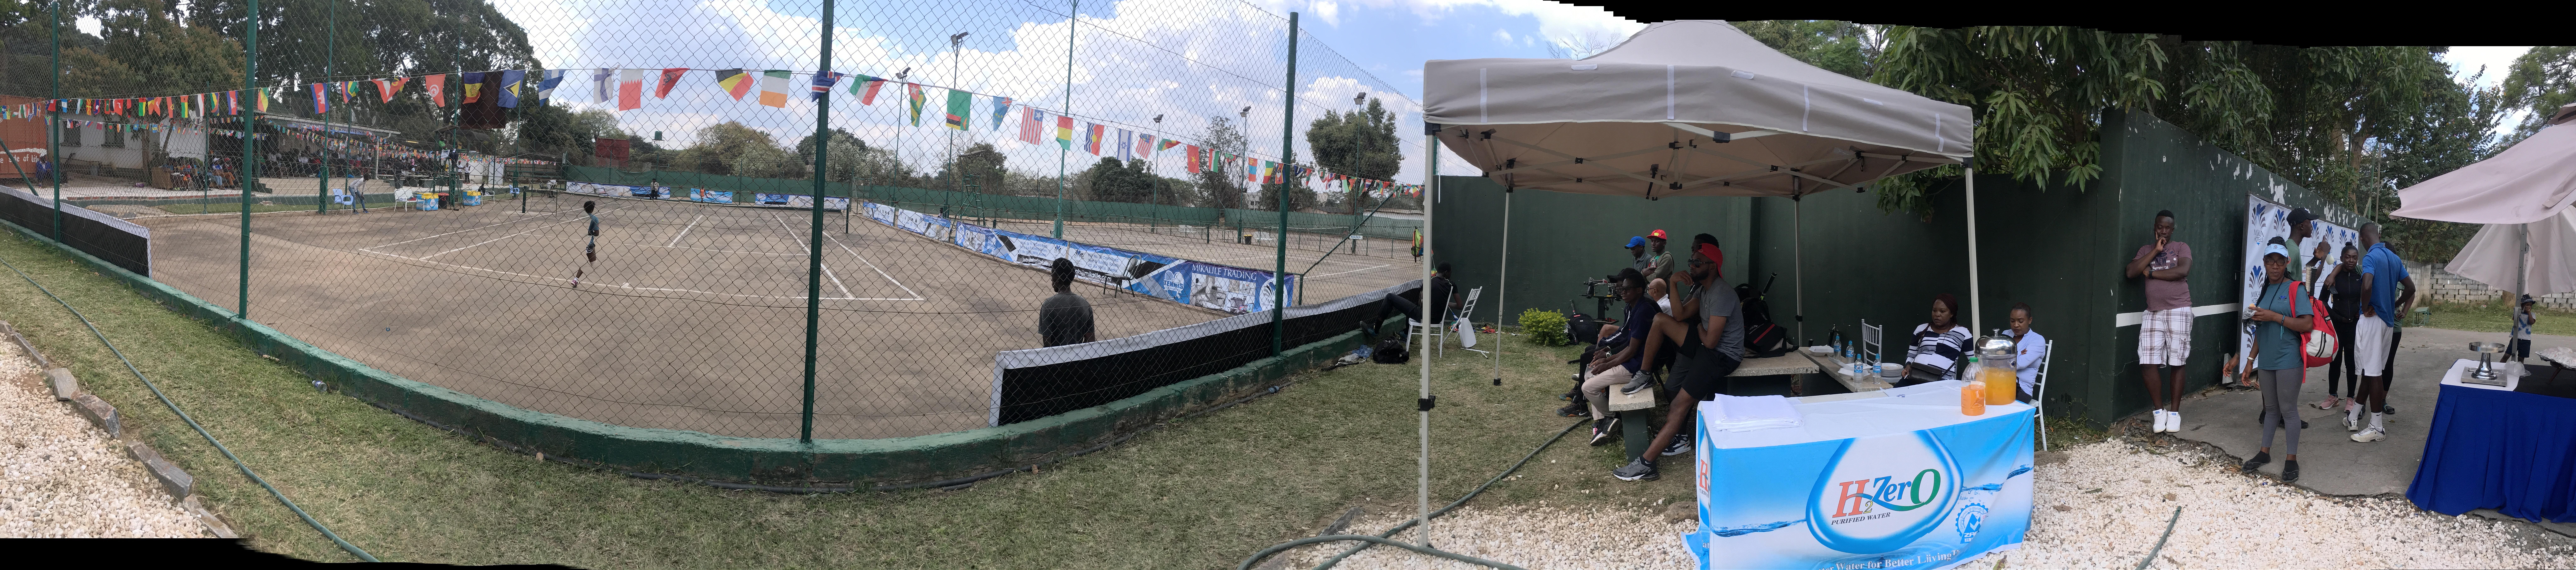 Mika Tennis Tournament